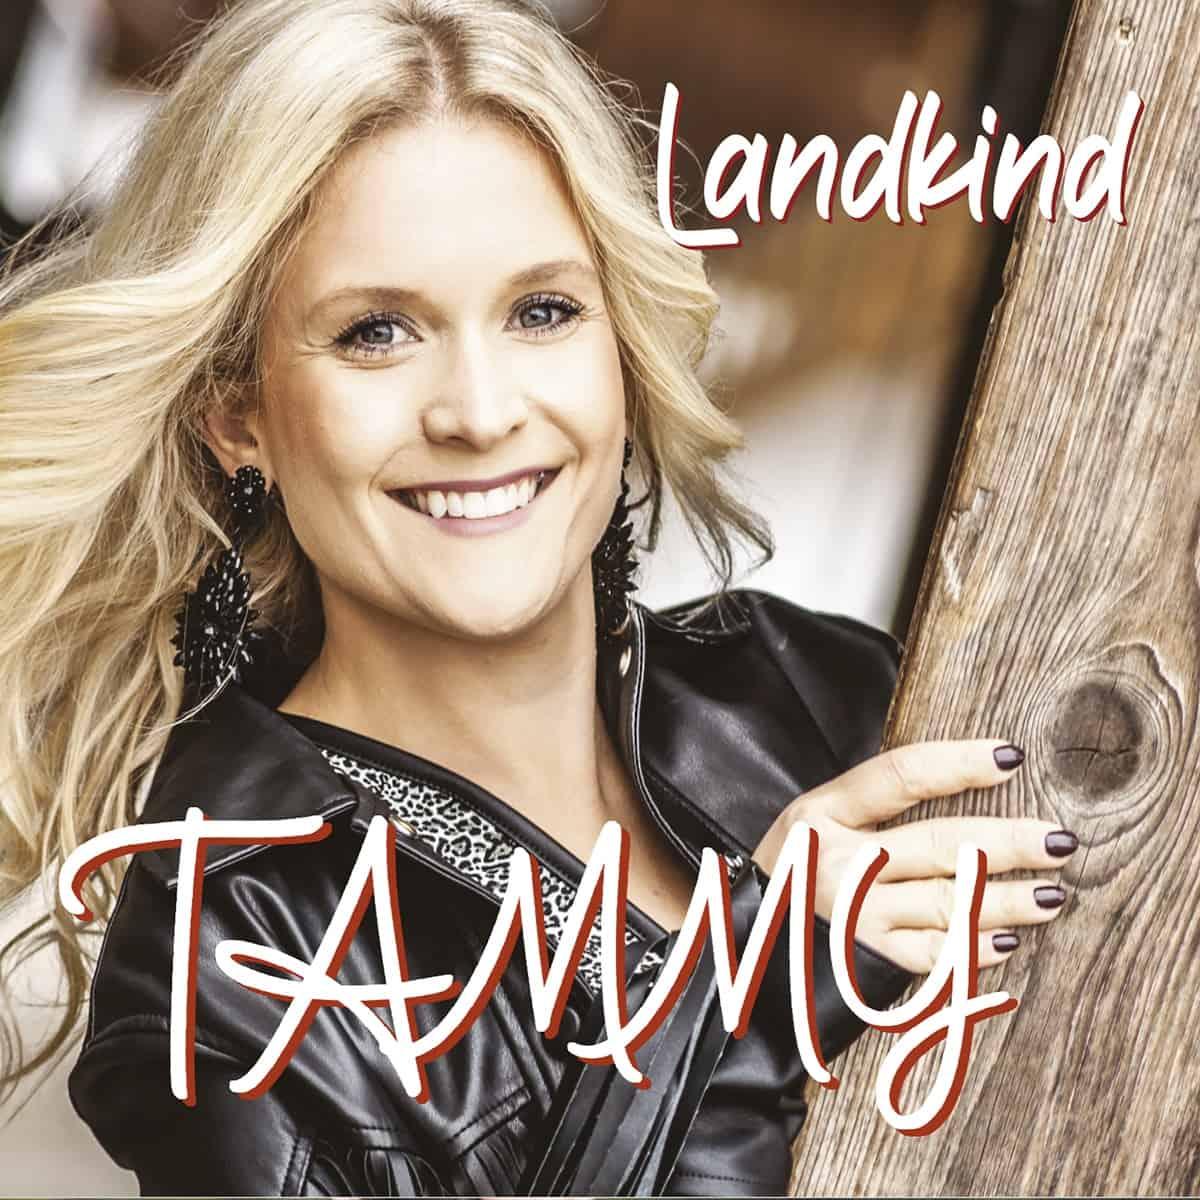 Tammy - Landkind (2020)